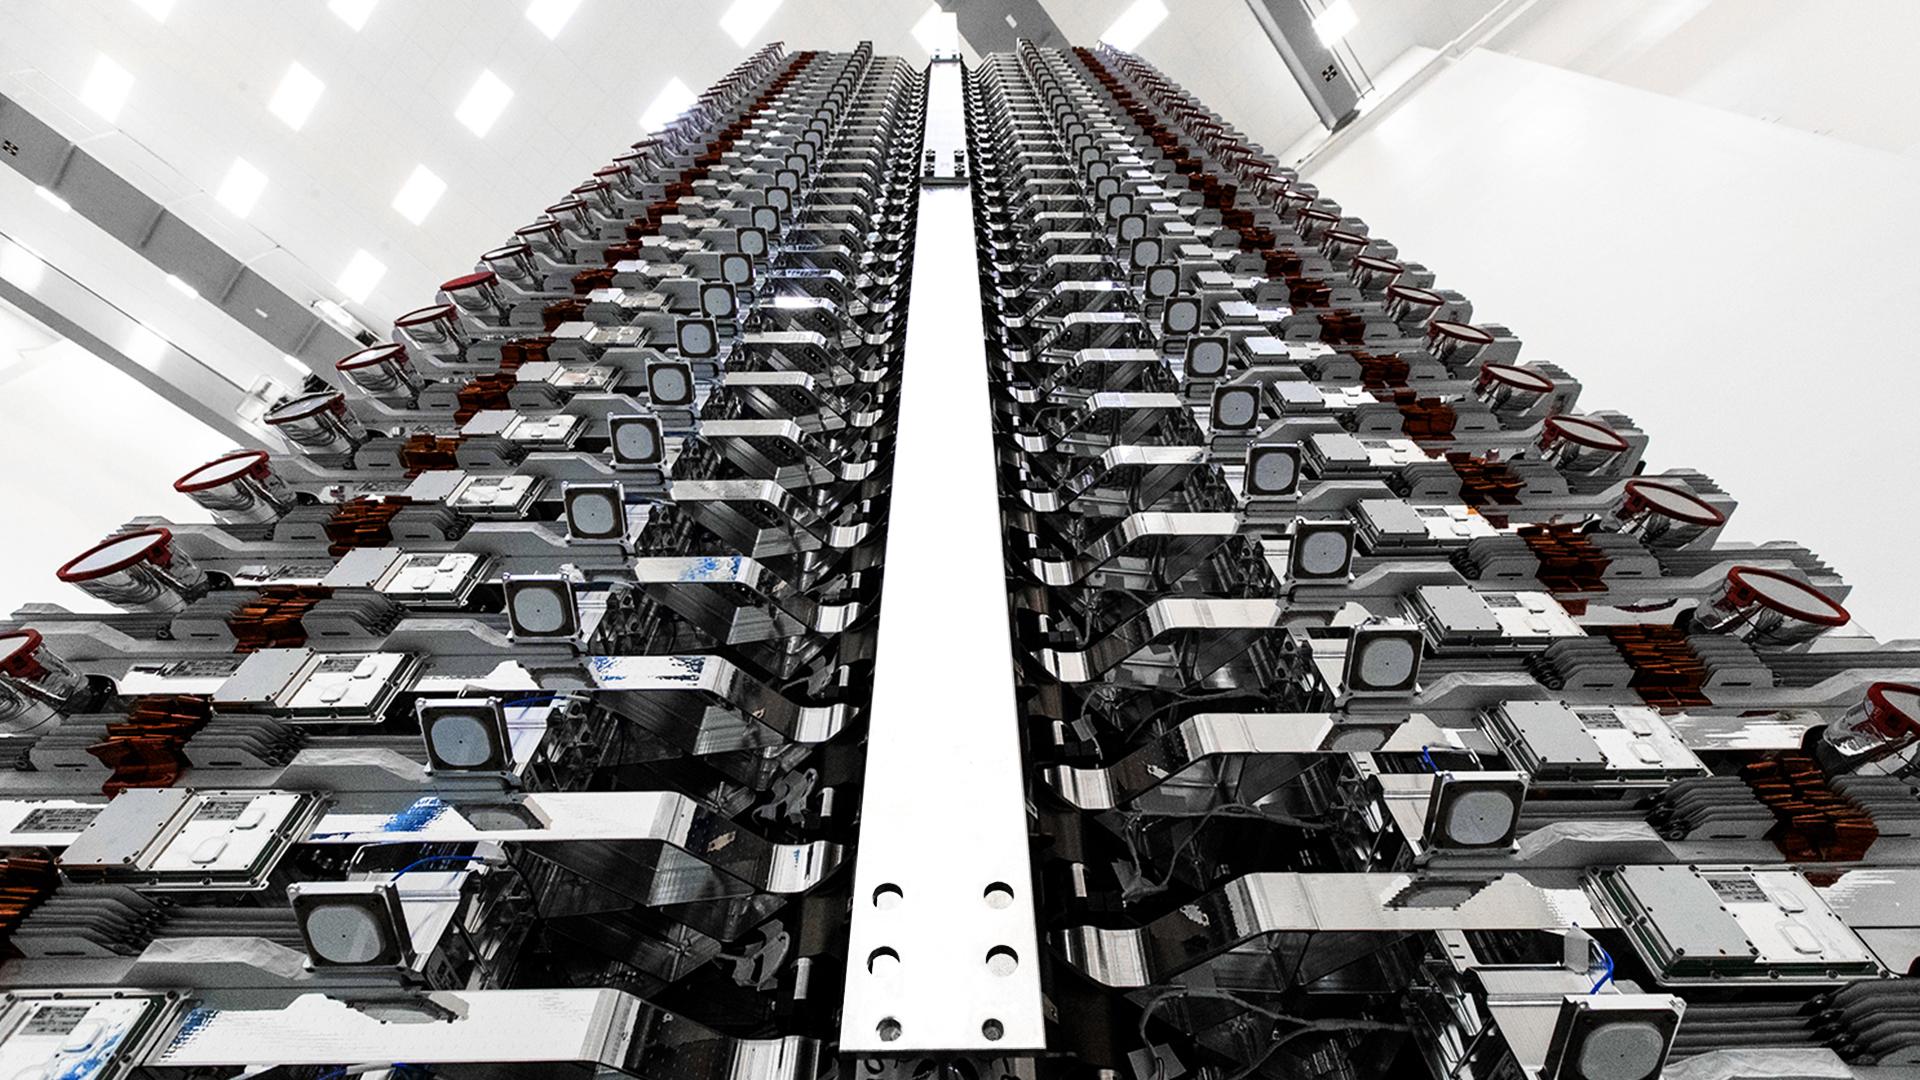 60 satelitów Starlink przygotowanych do wyniesienia na orbitę (Źródło: SpaceX)